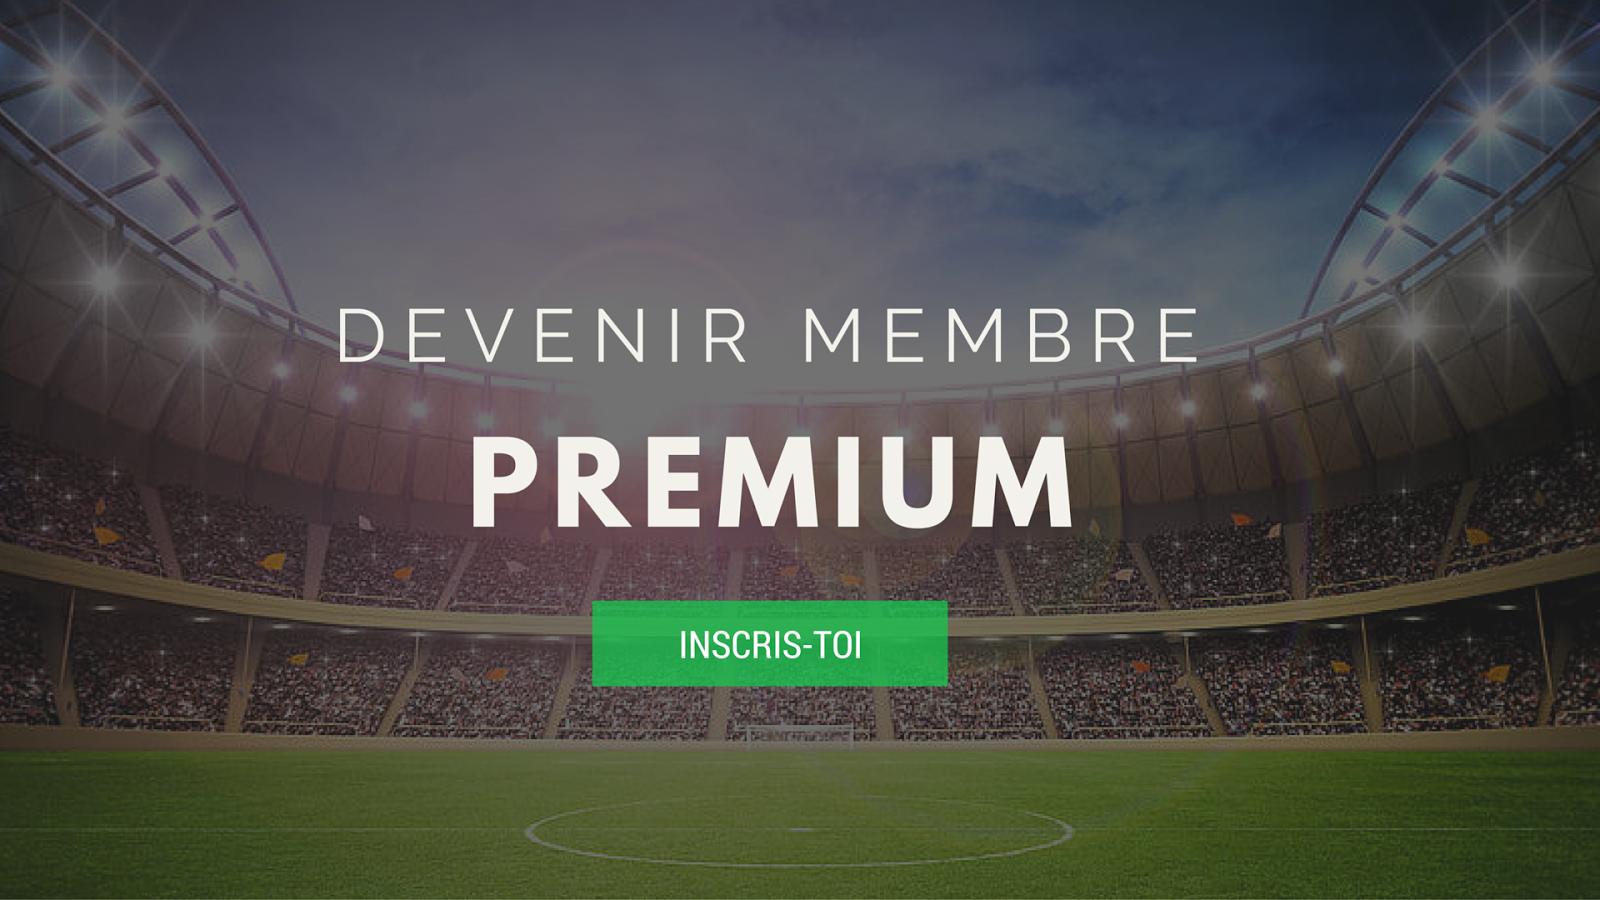 Membre premium : xpronostic